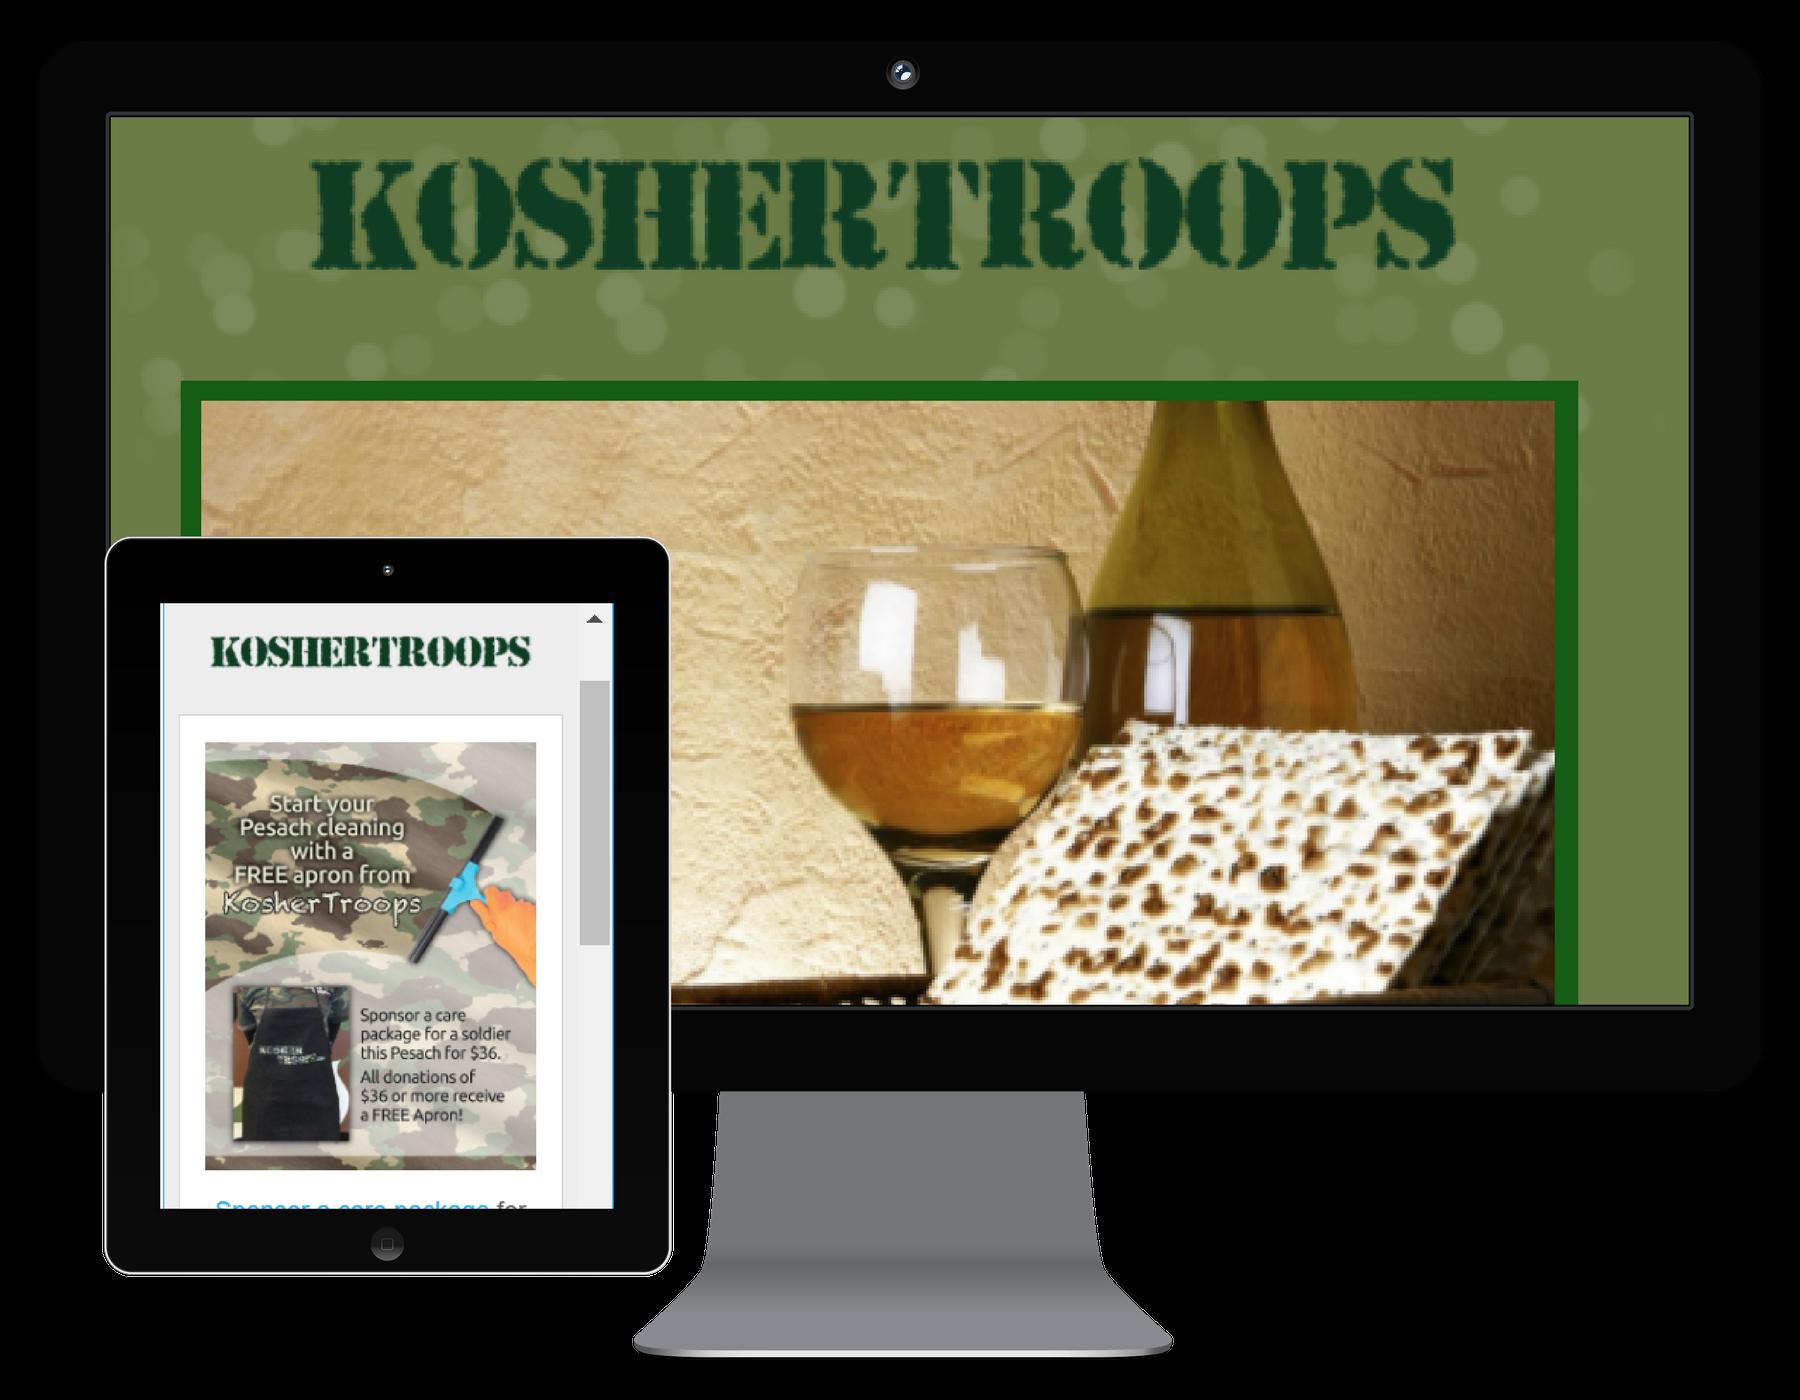 Kosher Troops Emails